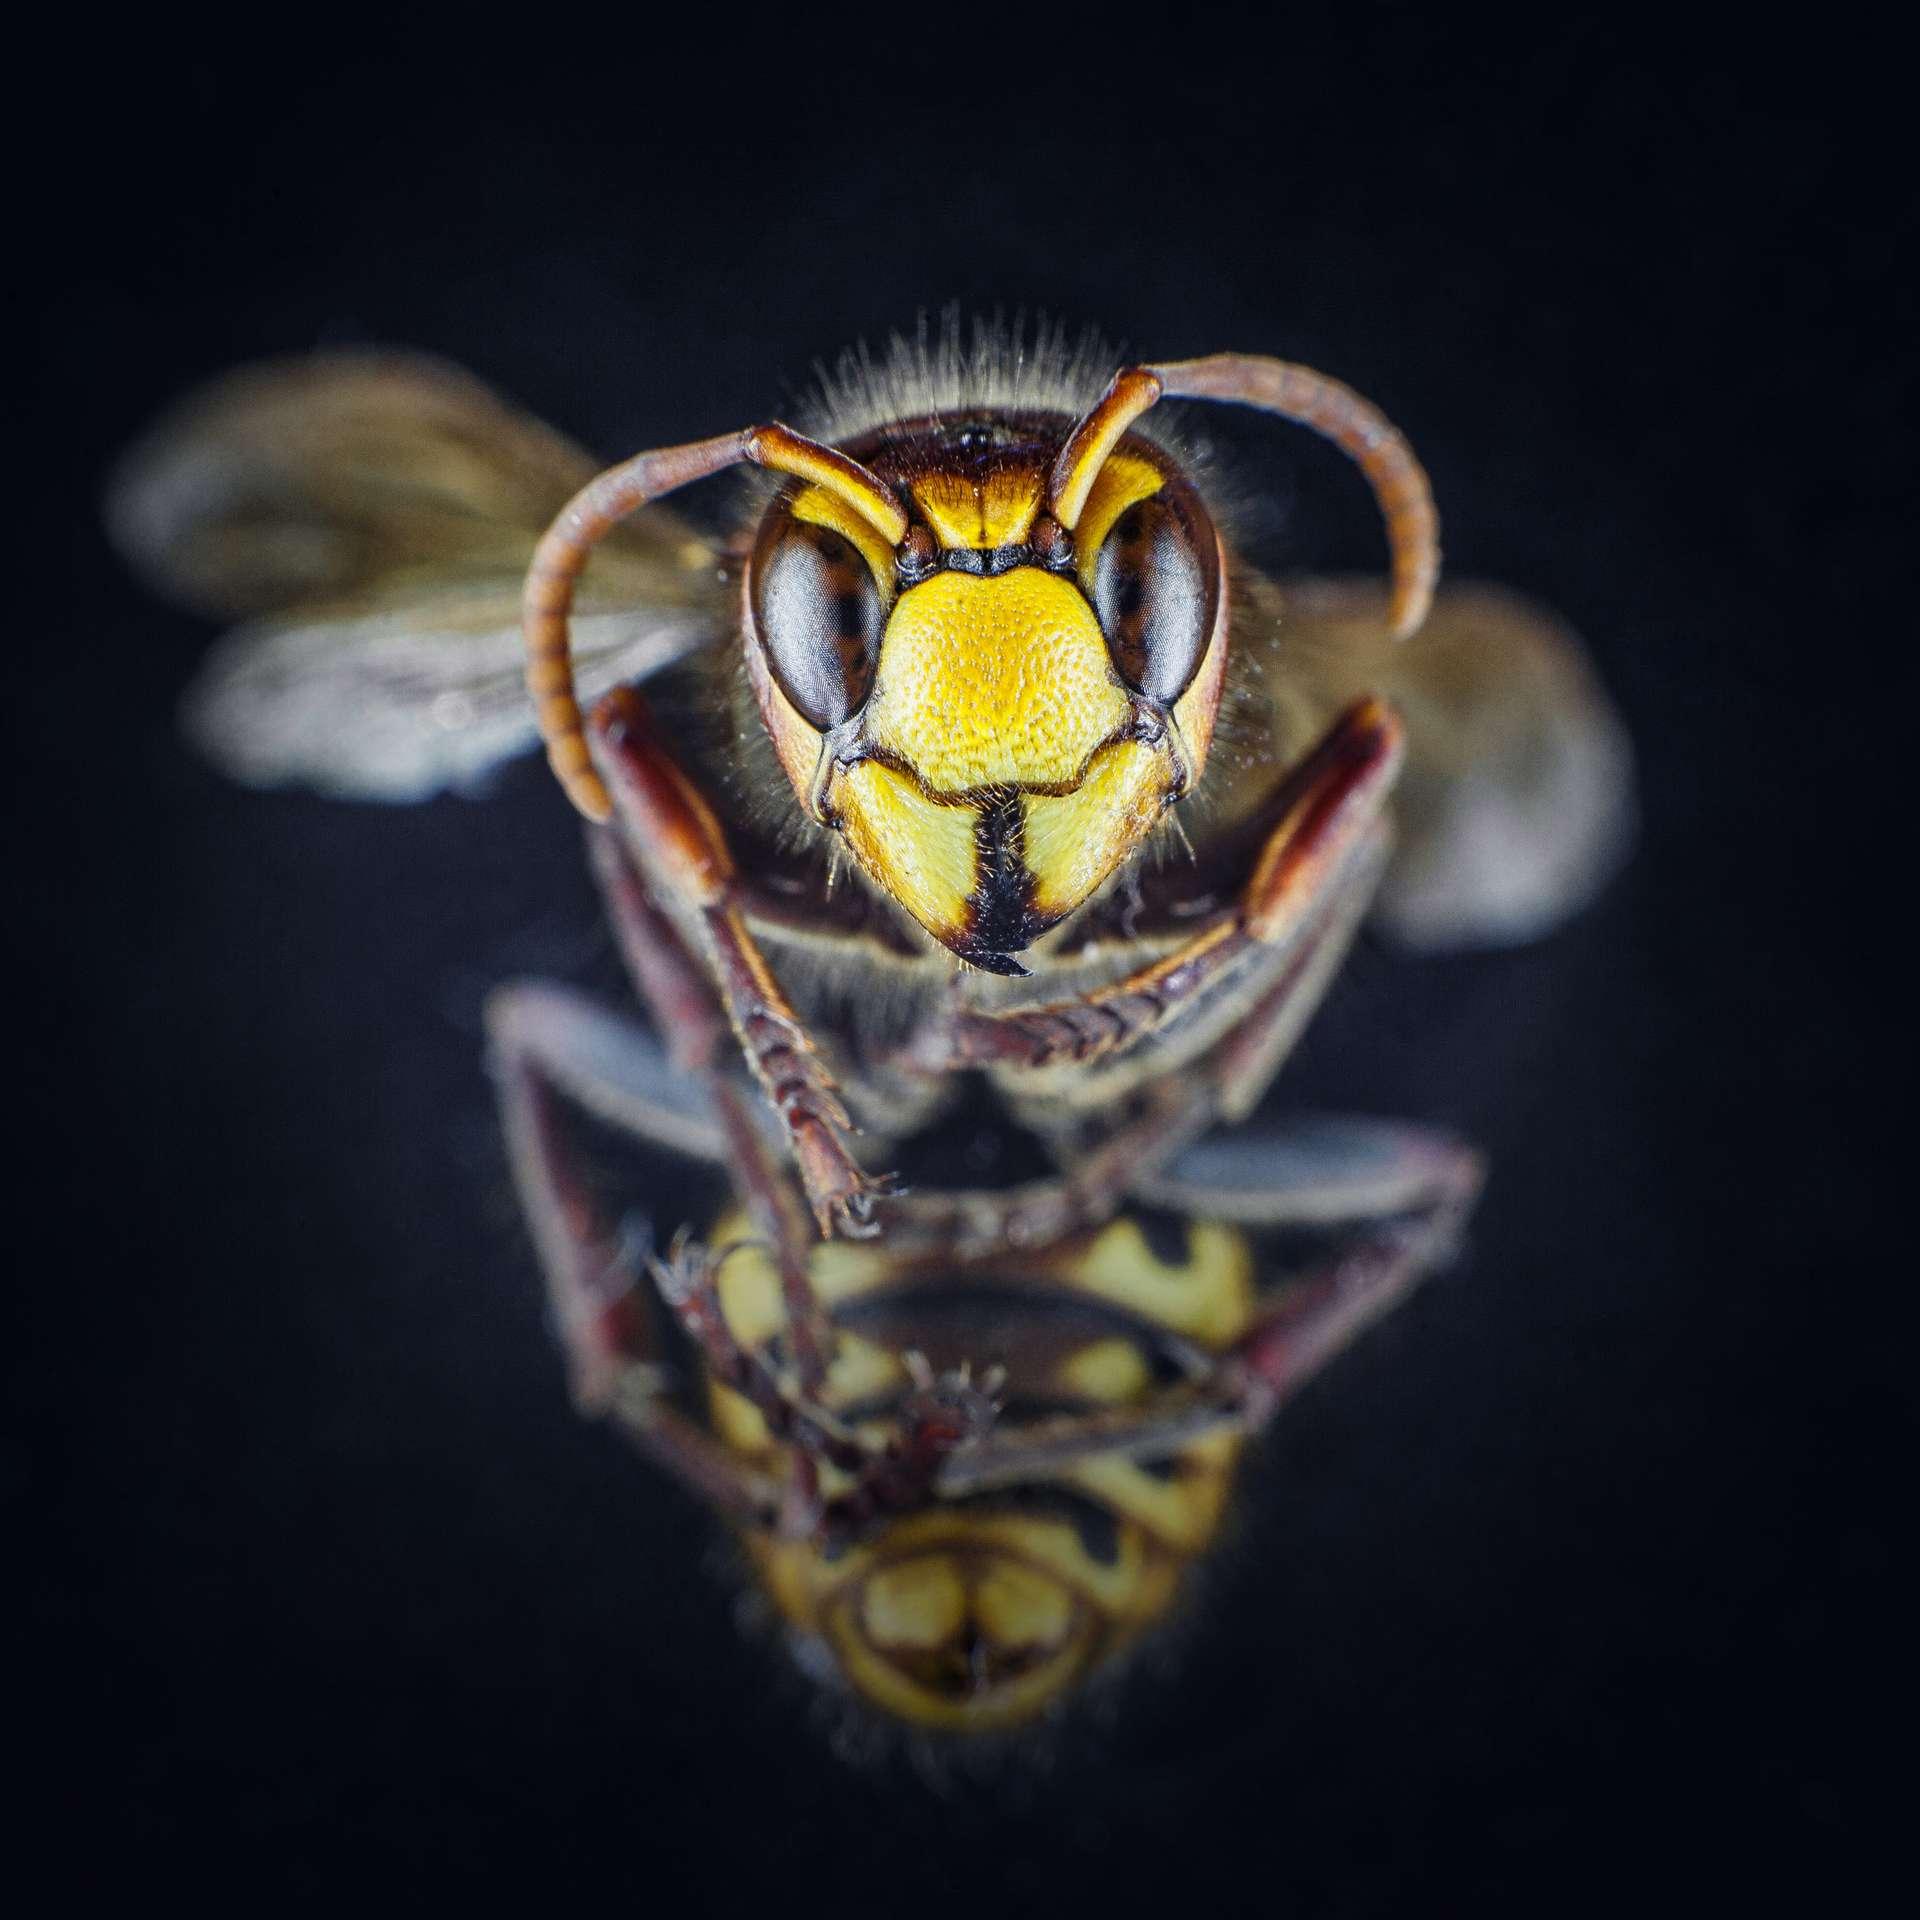 En 2019, on comptait plus de 20.000 espèces d'abeilles recensées, dont un millier en France. © Krisztin, Adobe Stock